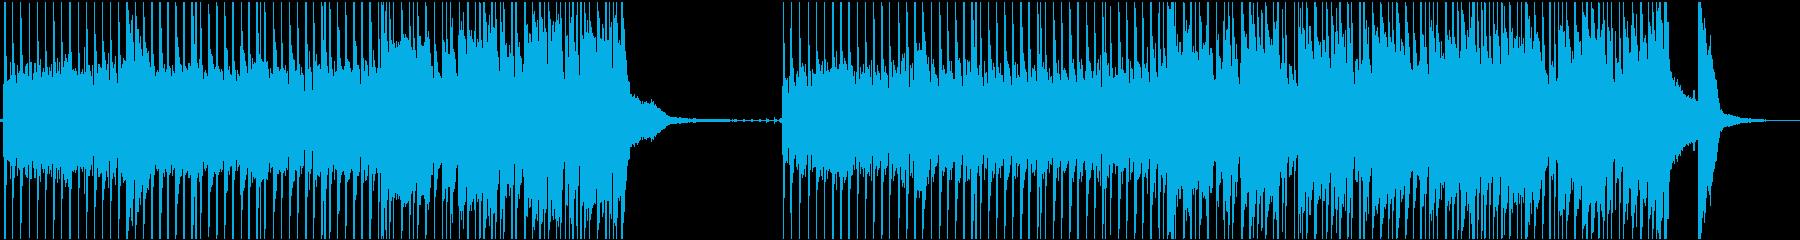 巨大なギタードリブンメタルトラック...の再生済みの波形